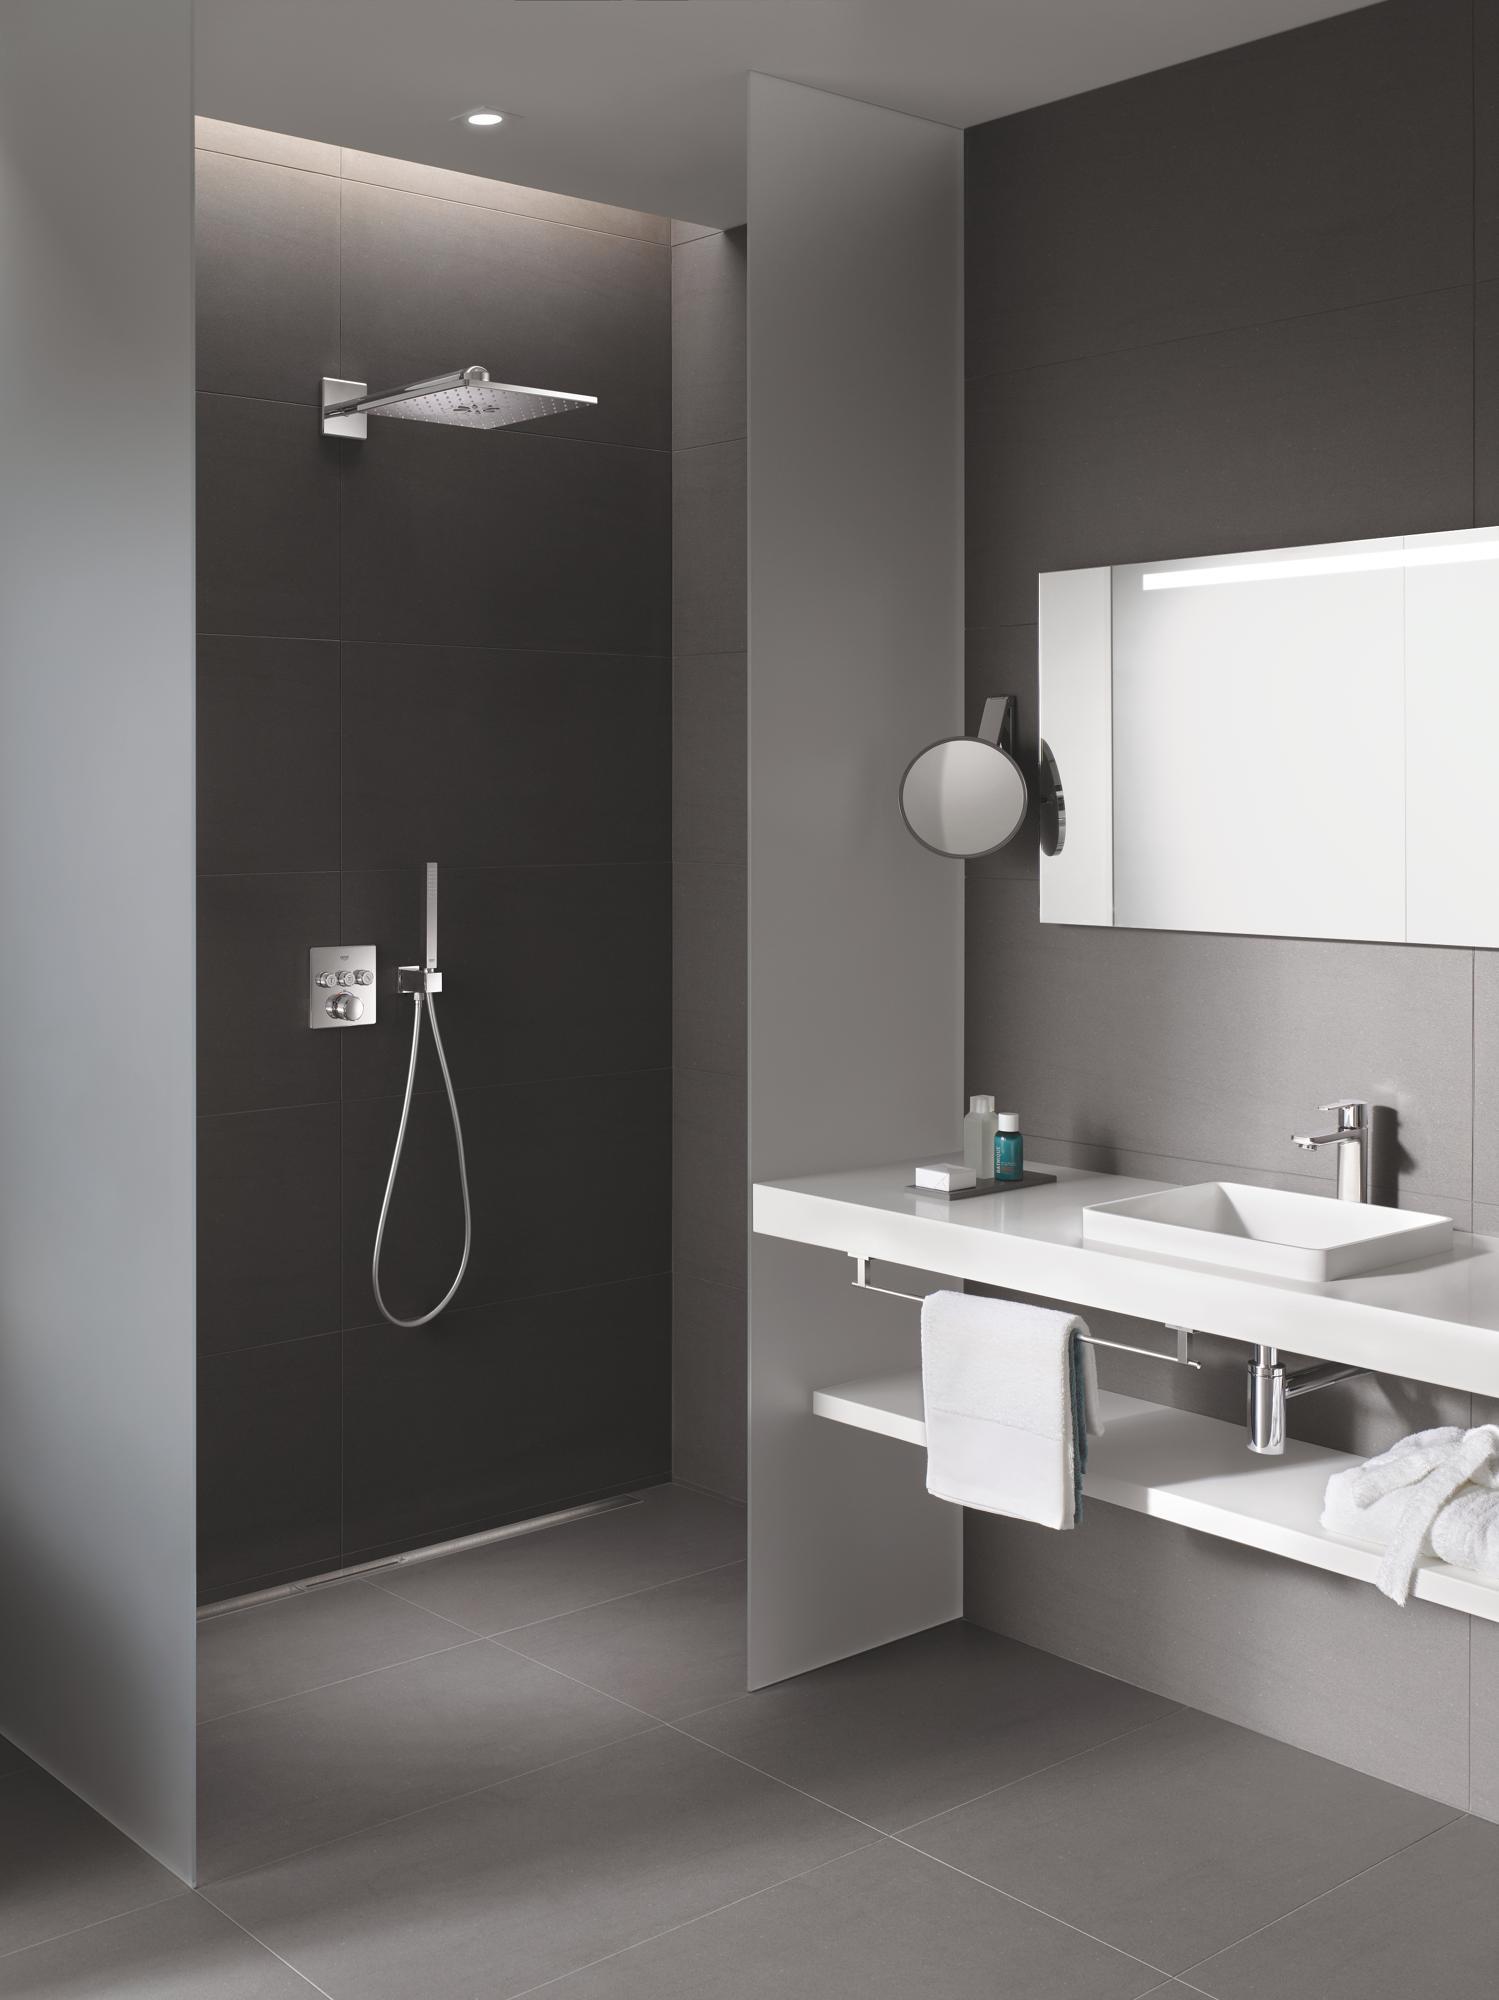 Full Size of Grohe Smartcontrol Duschsystem Unterputz Mit Rainshower 310 Walk In Dusche Badewanne Duschen Kaufen Bidet Armatur Bodengleiche Schulte Werksverkauf Glastür Dusche Rainshower Dusche